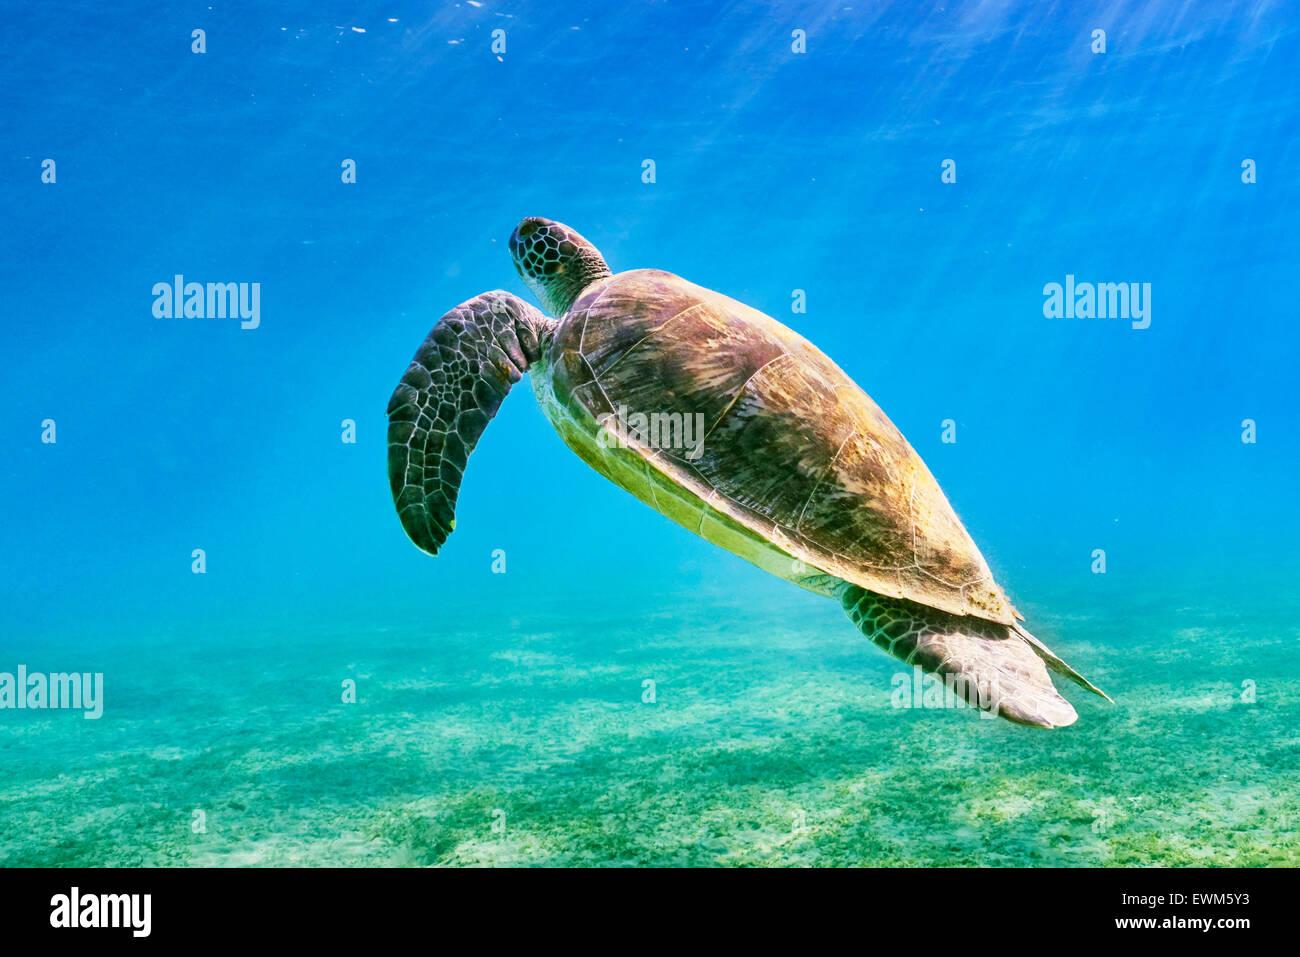 Marsa Alam, Mar Rosso, Egitto - vista subacquea a tartaruga di mare Immagini Stock